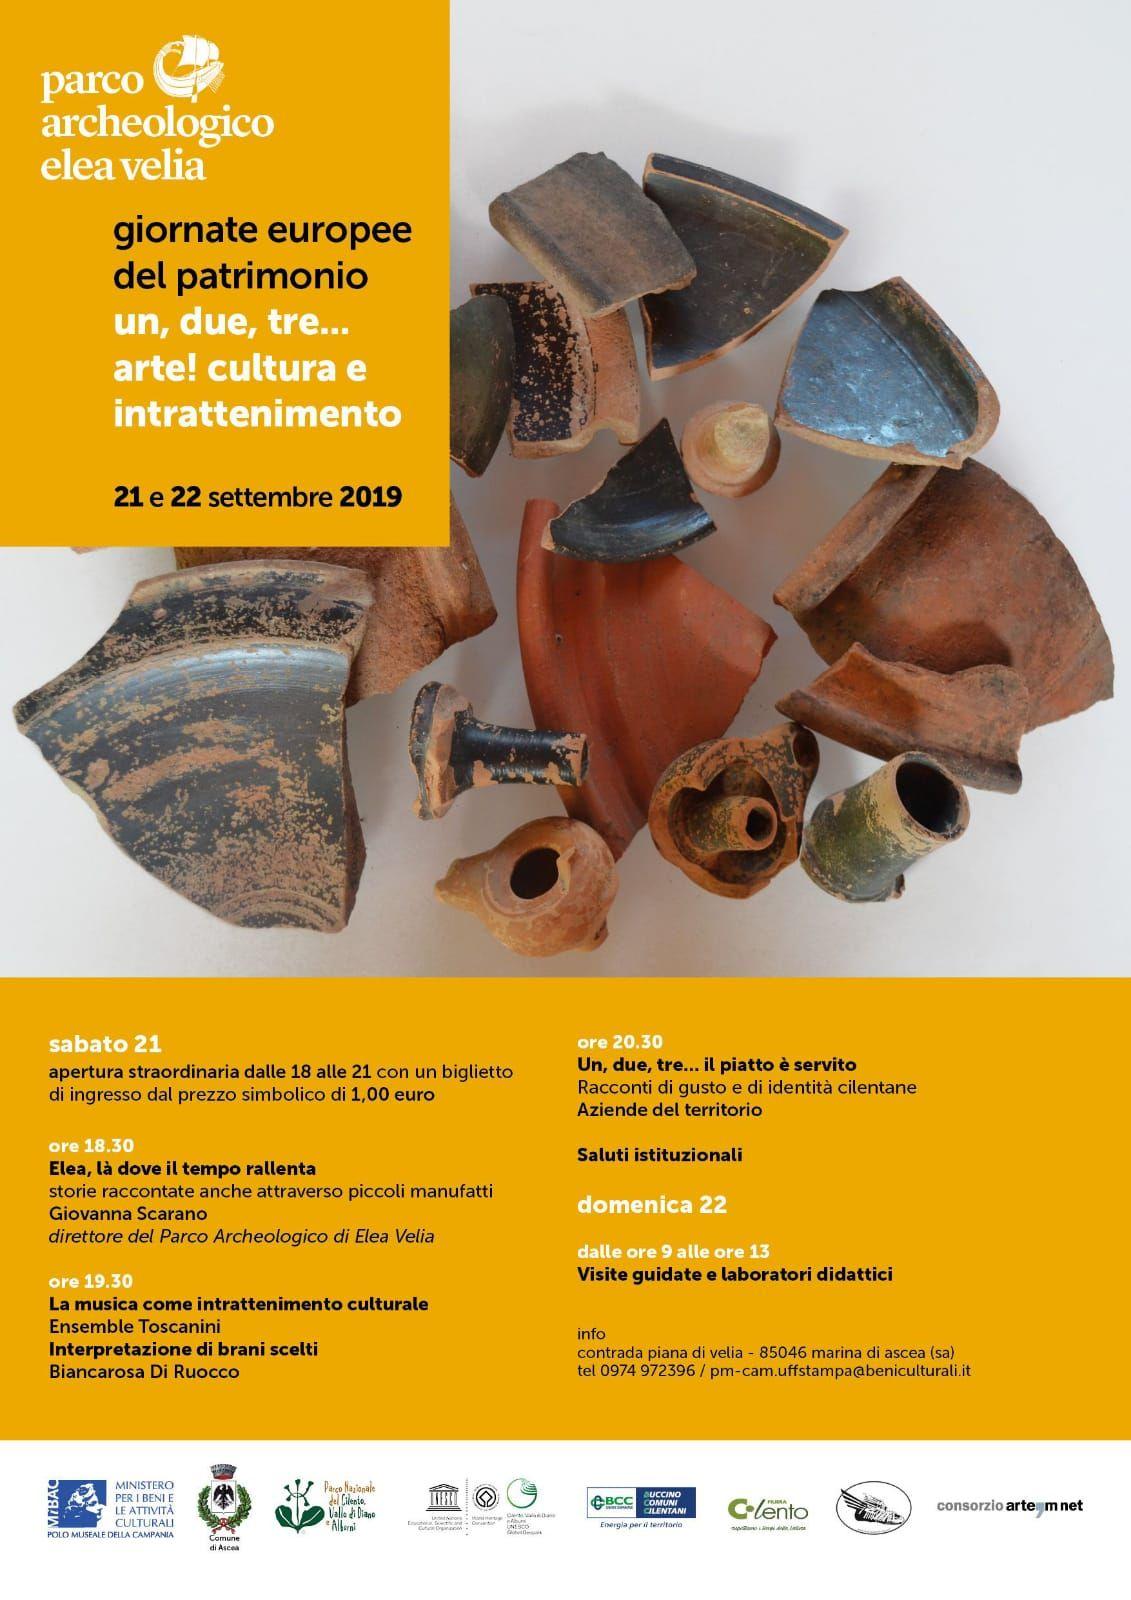 17092019 aperture parco archeologico di elea velia - Apertura straordinaria per il Parco Archeologico di Elea Velia - 21 e 22 settembre 2019